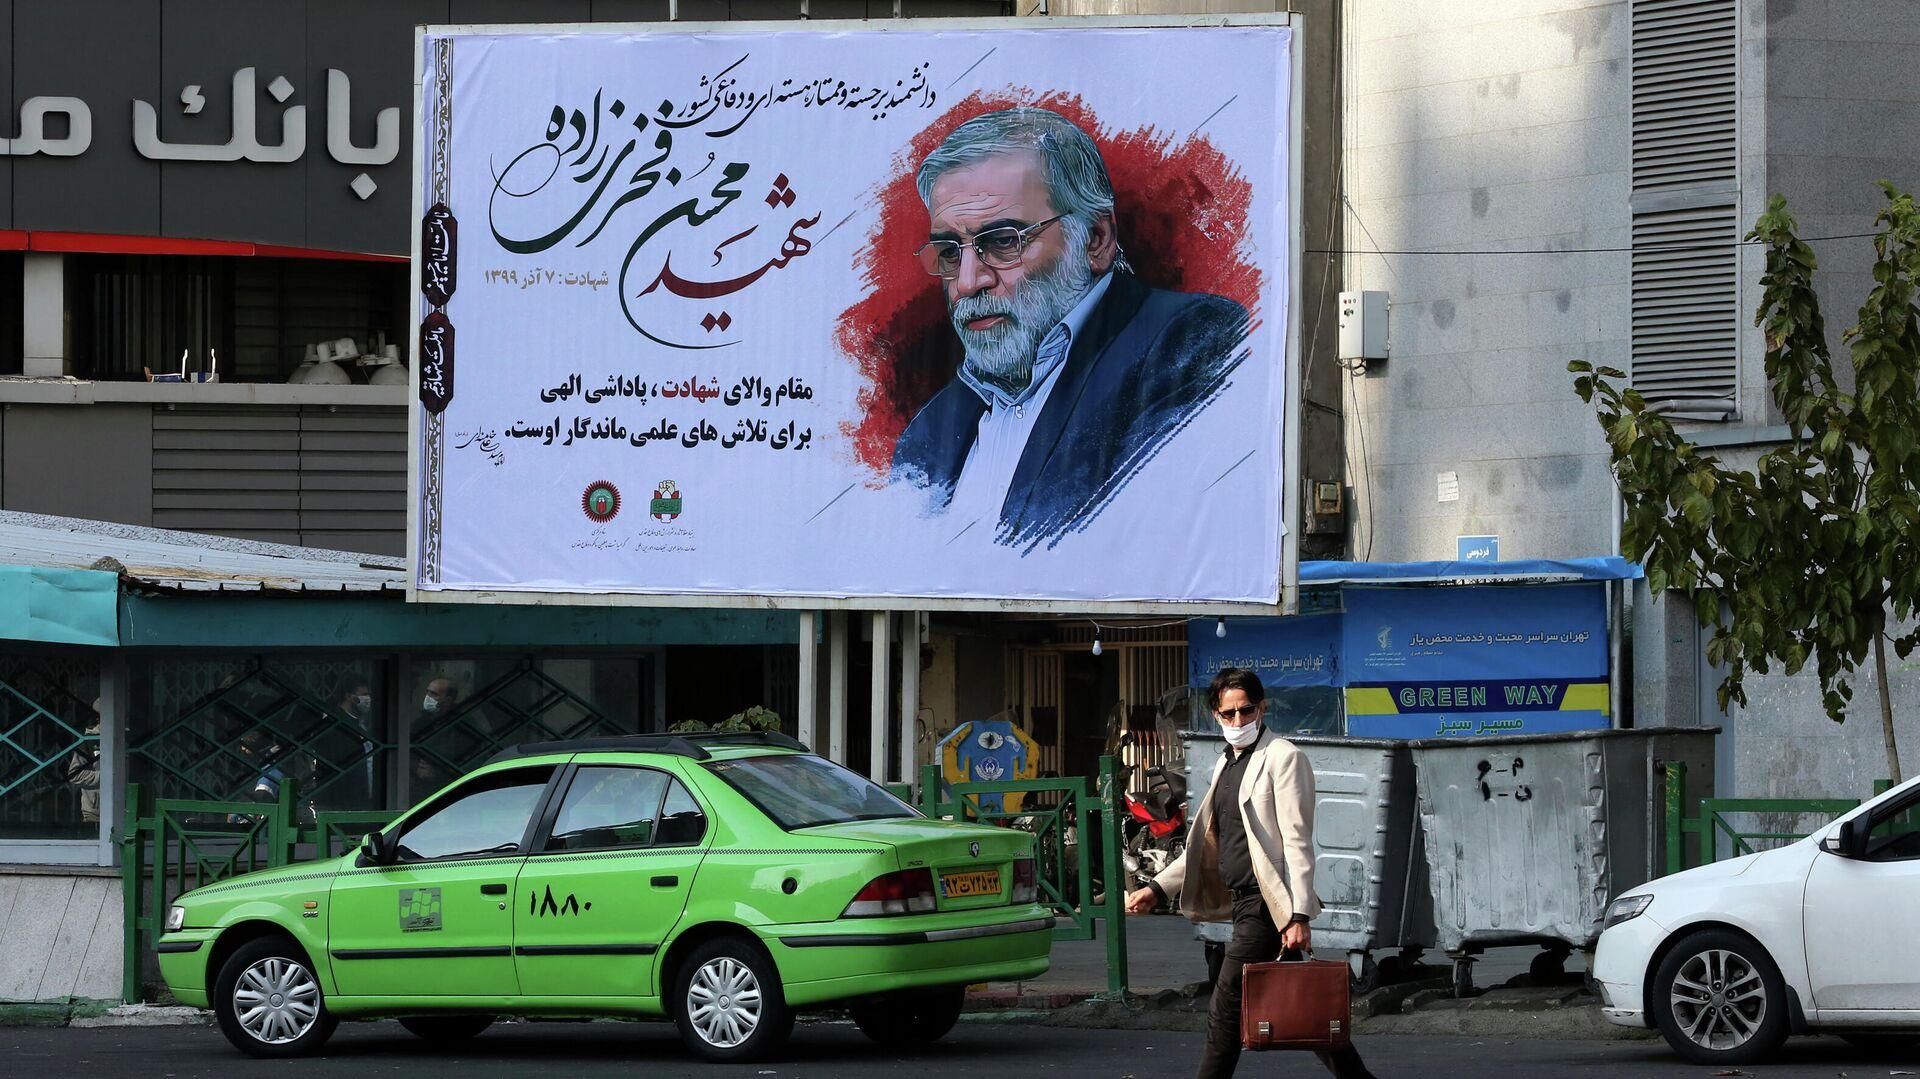 Портрет иранского физика  Мохсена Фахризаде Махабади на одной из улиц Тегерана  - РИА Новости, 1920, 01.12.2020